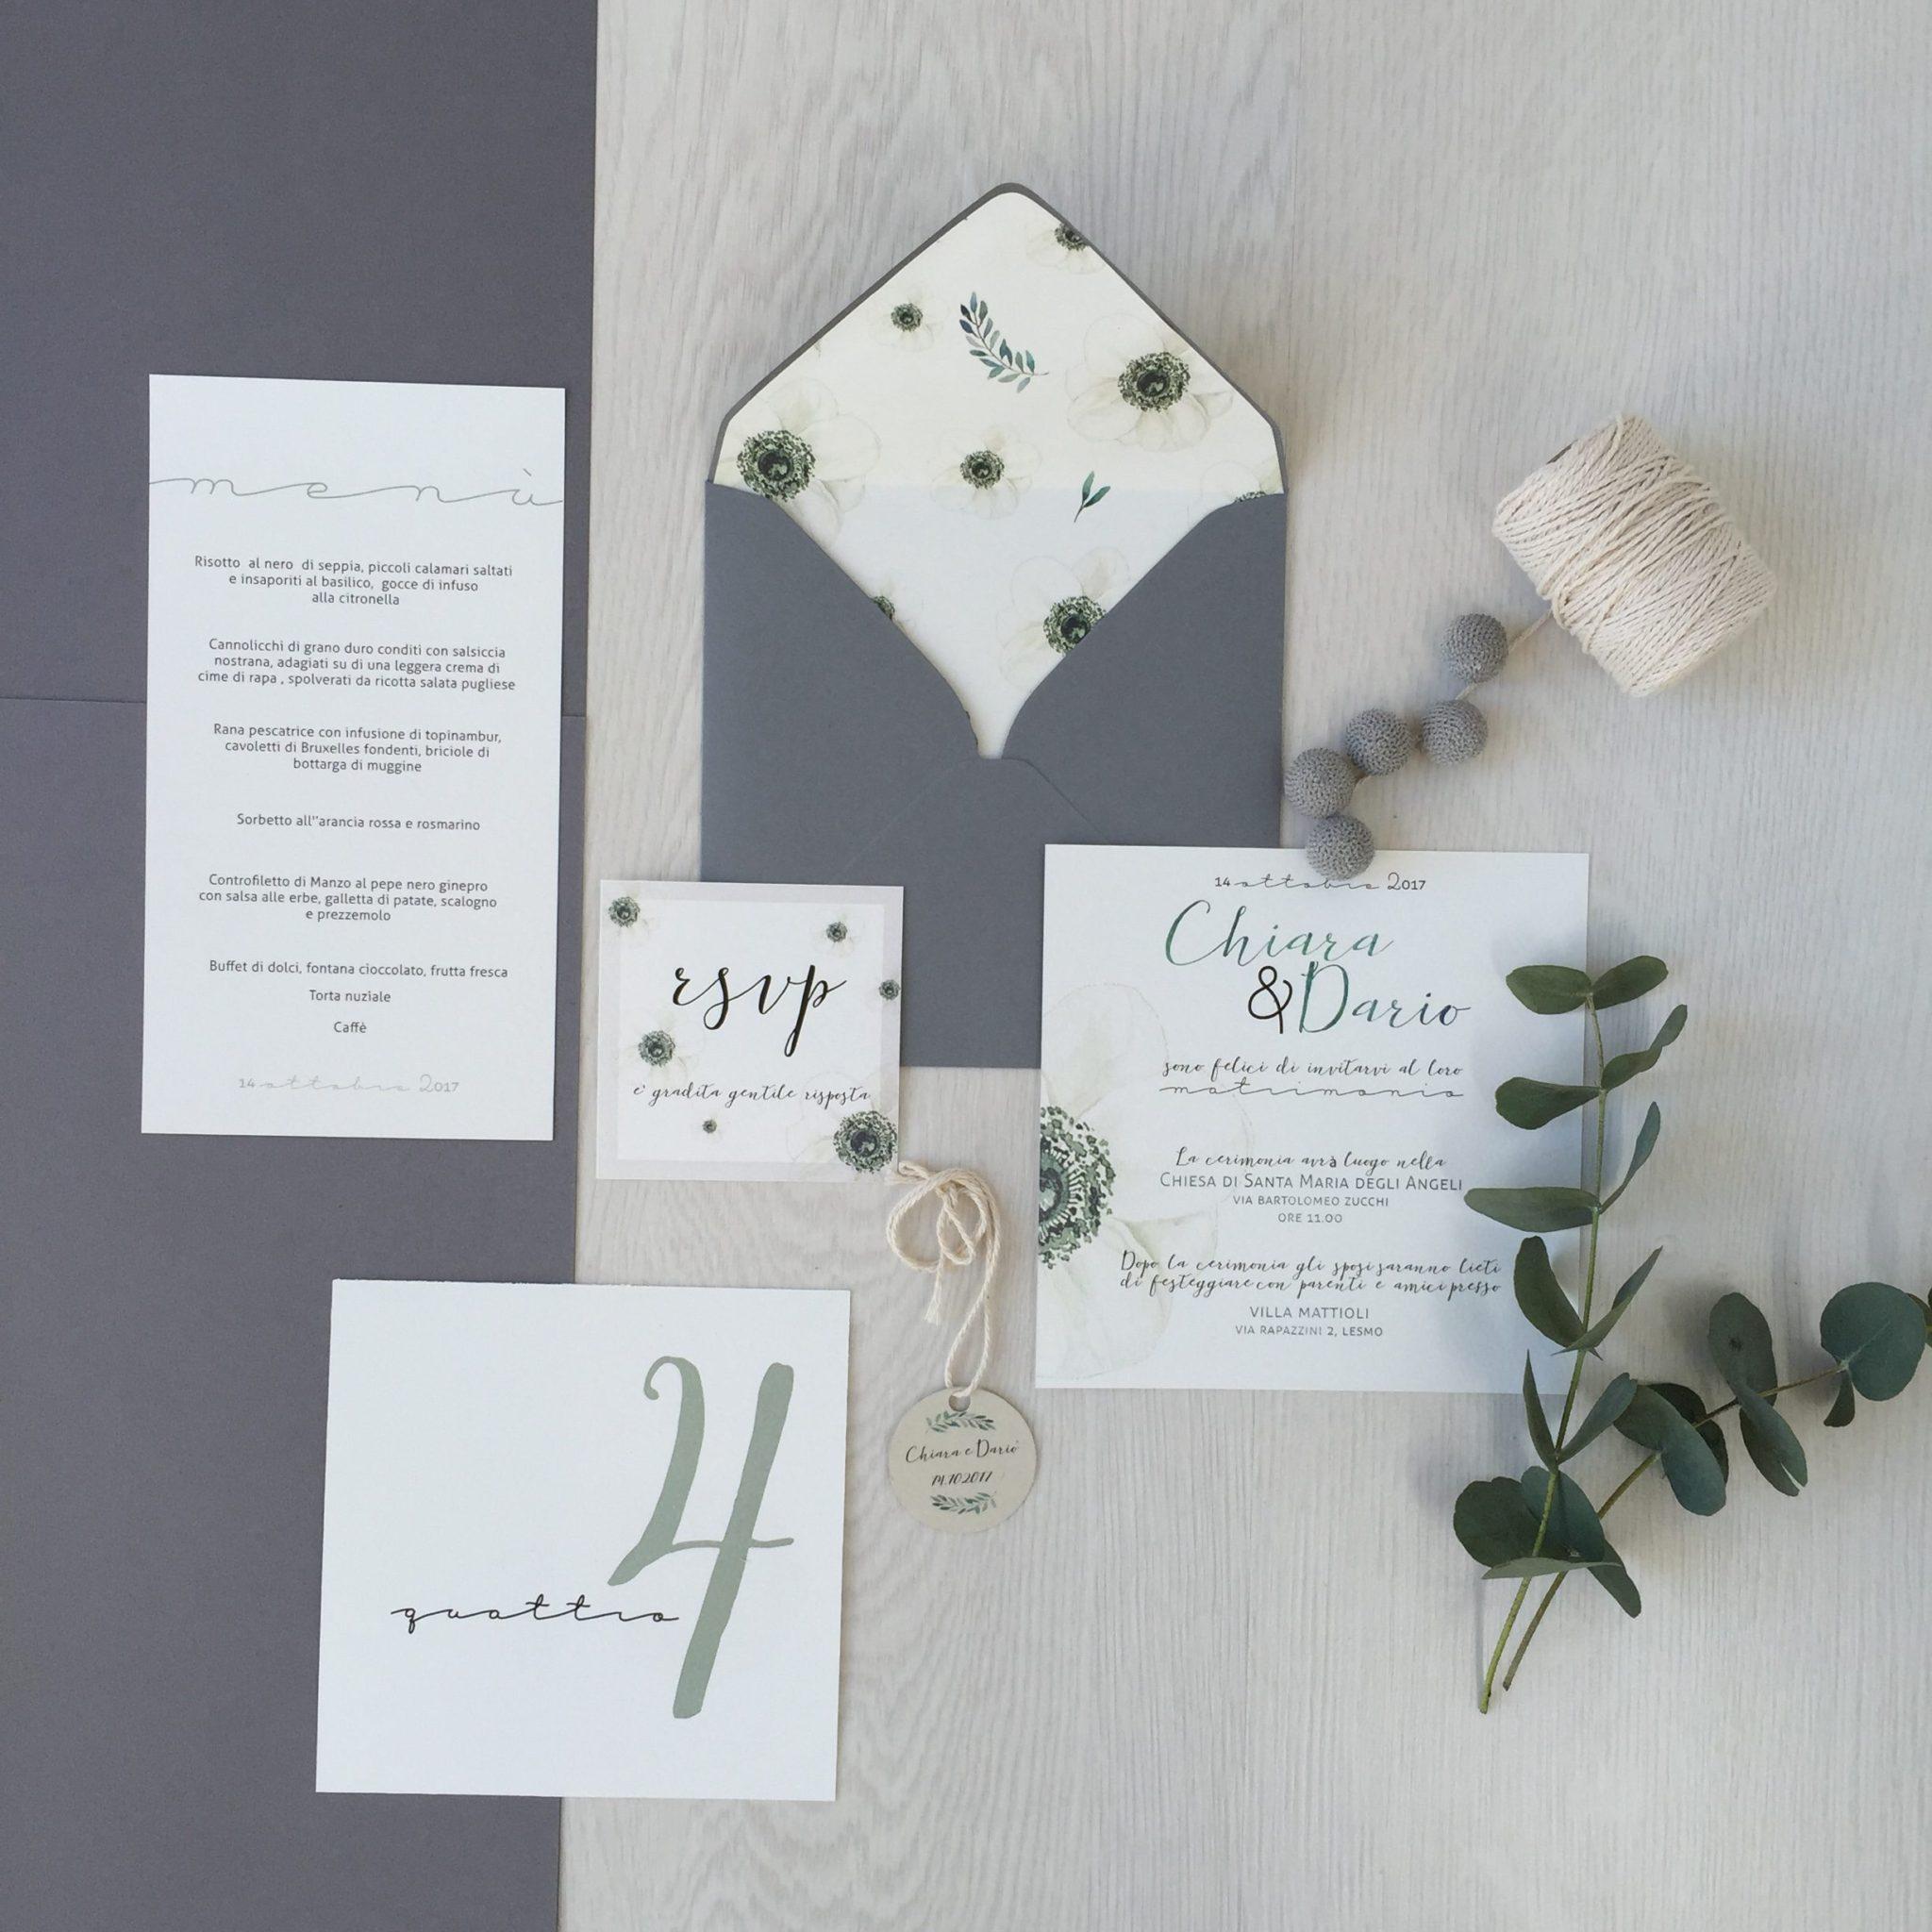 Invito Matrimonio Rustico : Partecipazioni hand made personalizza il tuo matrimonio